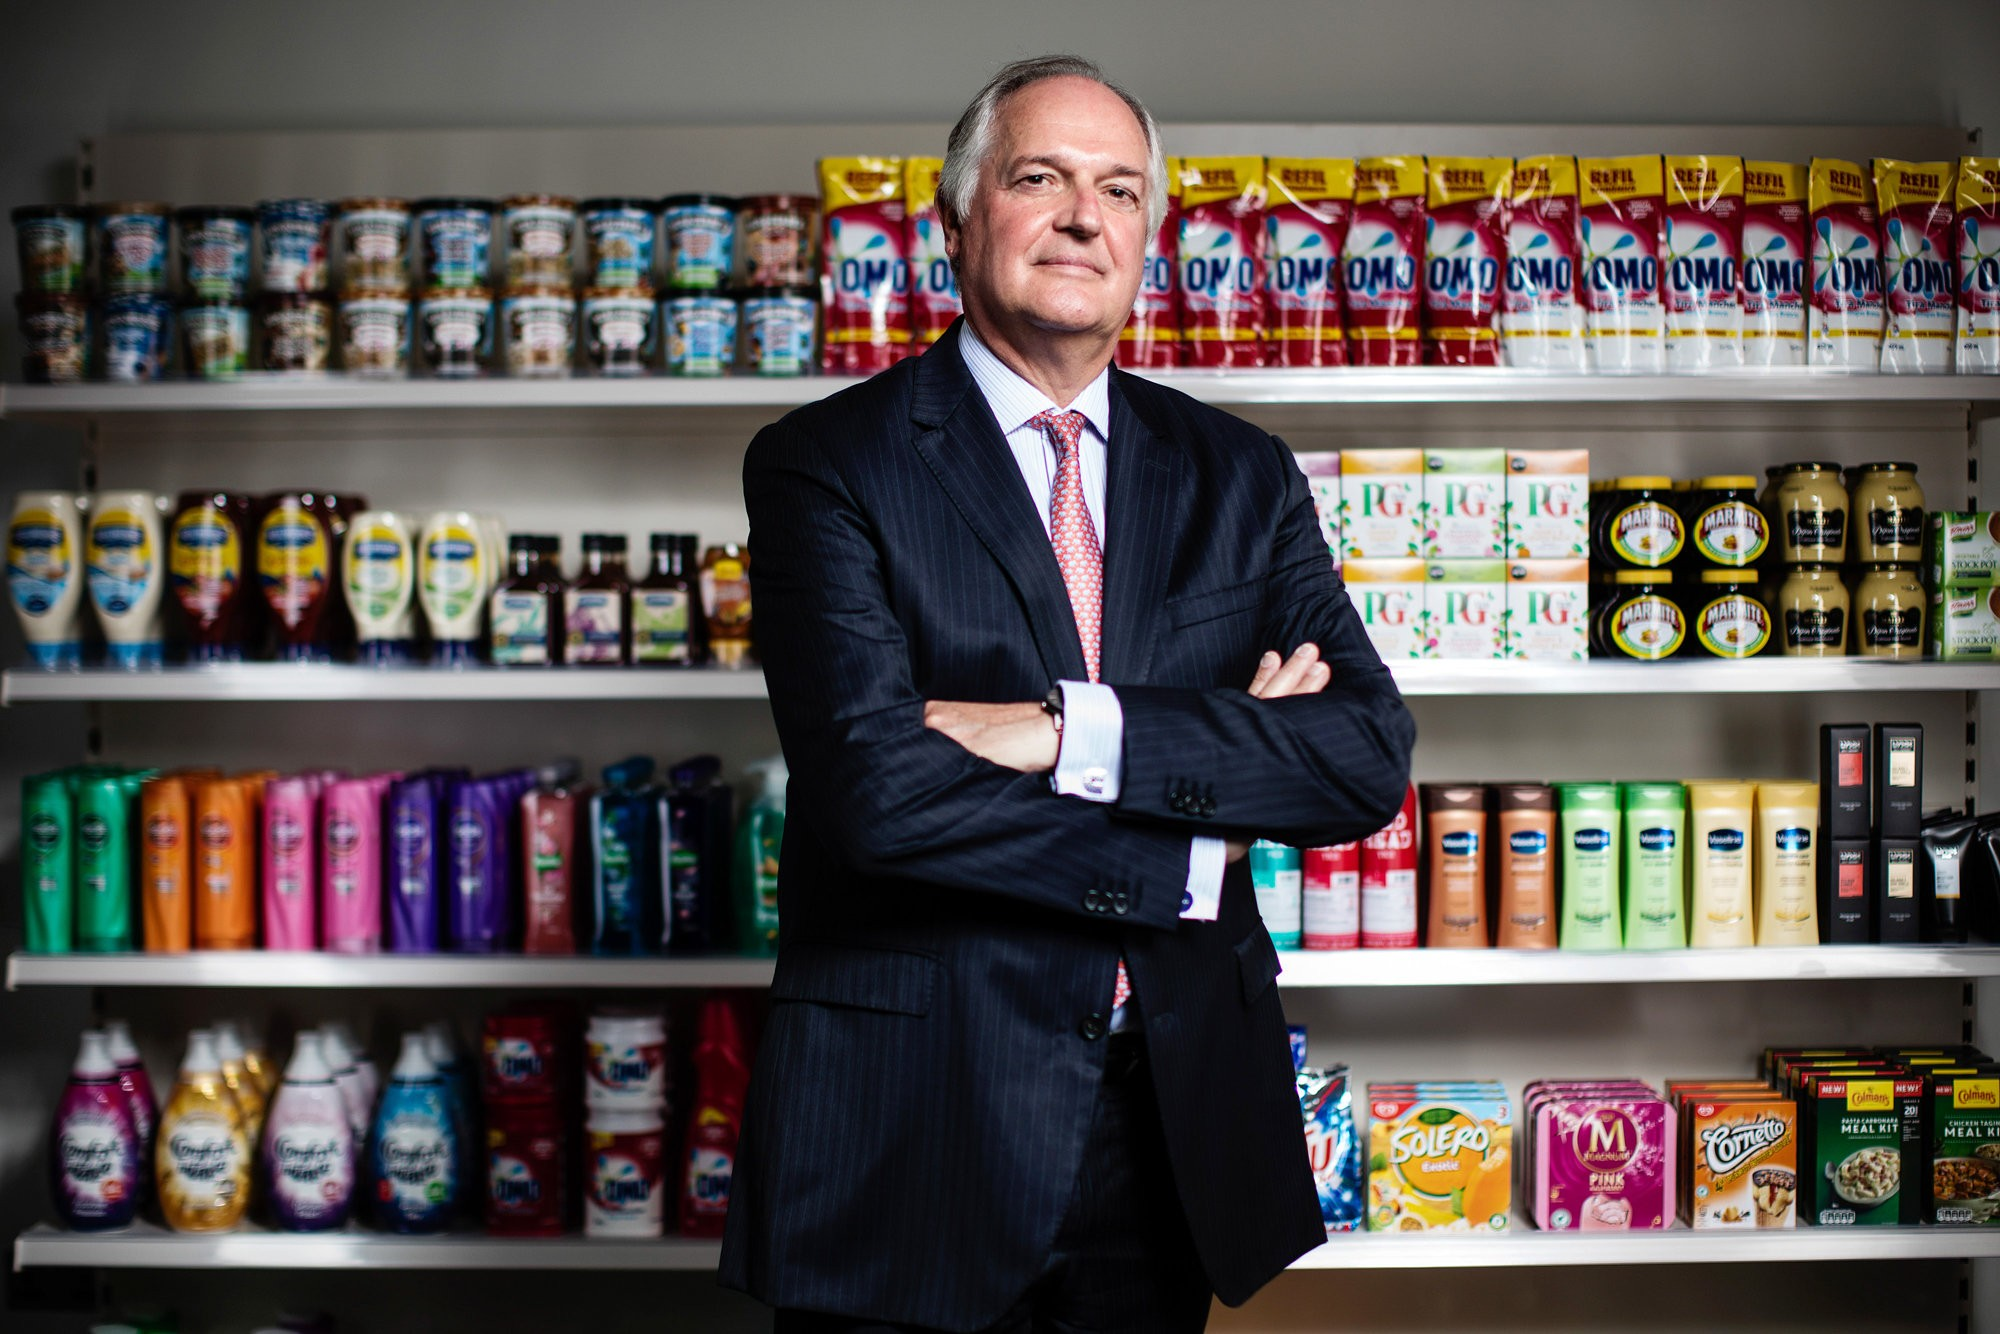 Hoe duurzaam is Unilever écht?